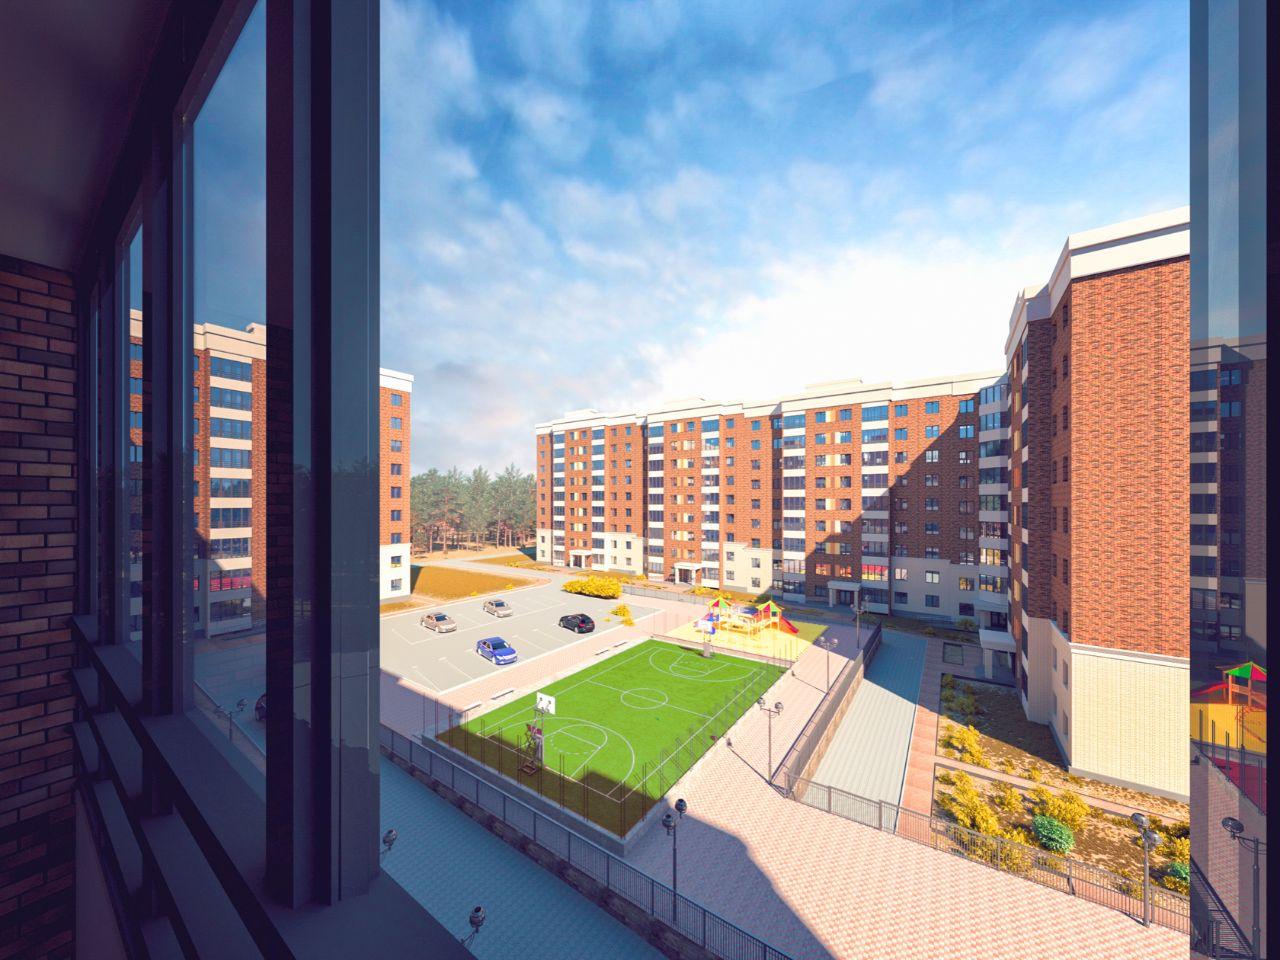 купить квартиру в ЖК SMIT-квартал в 140Б (Смит-квартал в 140Б)